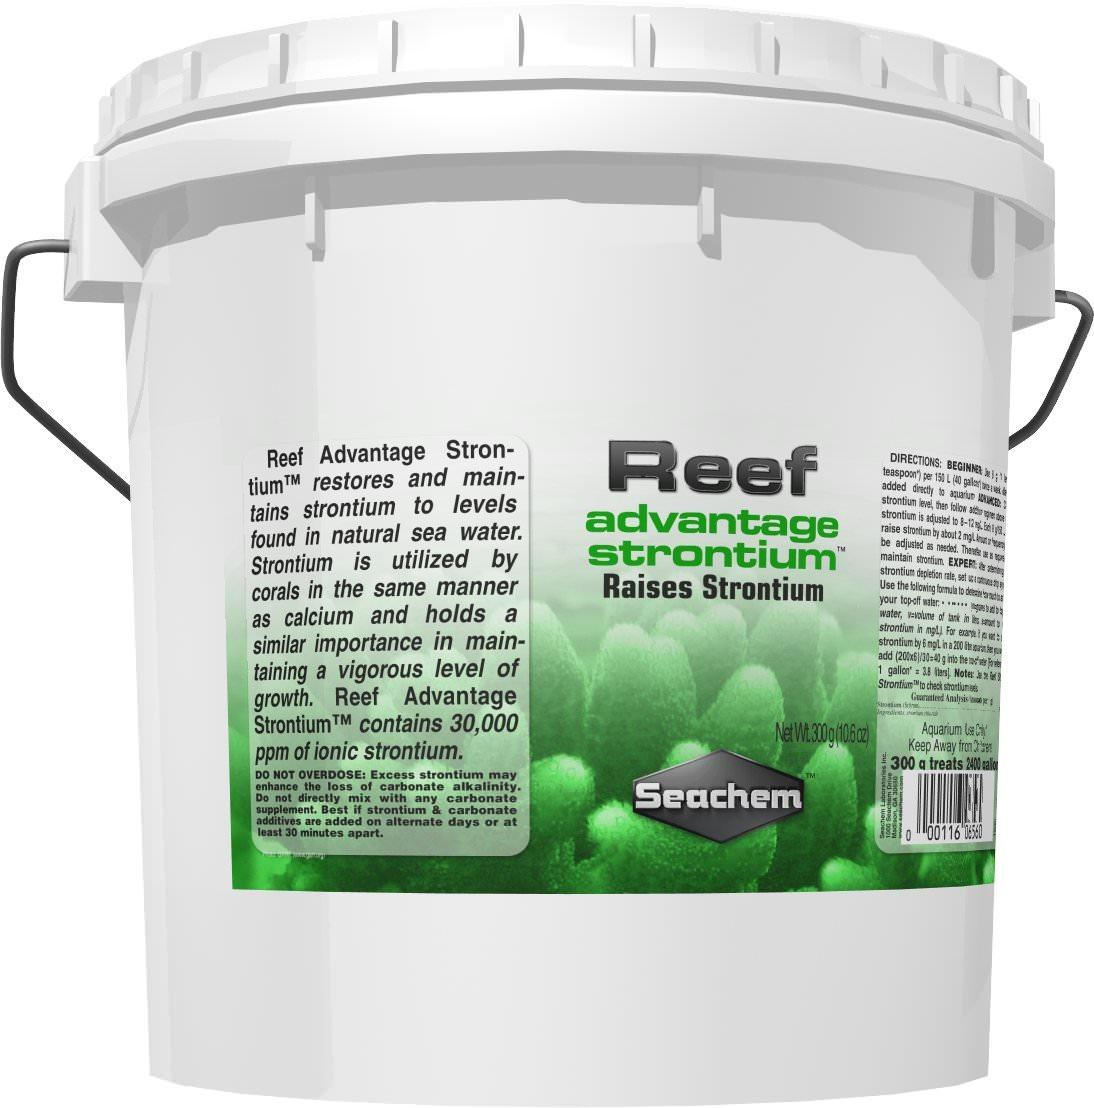 SEACHEM Reef Advantage Strontium 4 kg restaure / maintien le Strontium à un niveau proche de l\'eau de mer naturelle